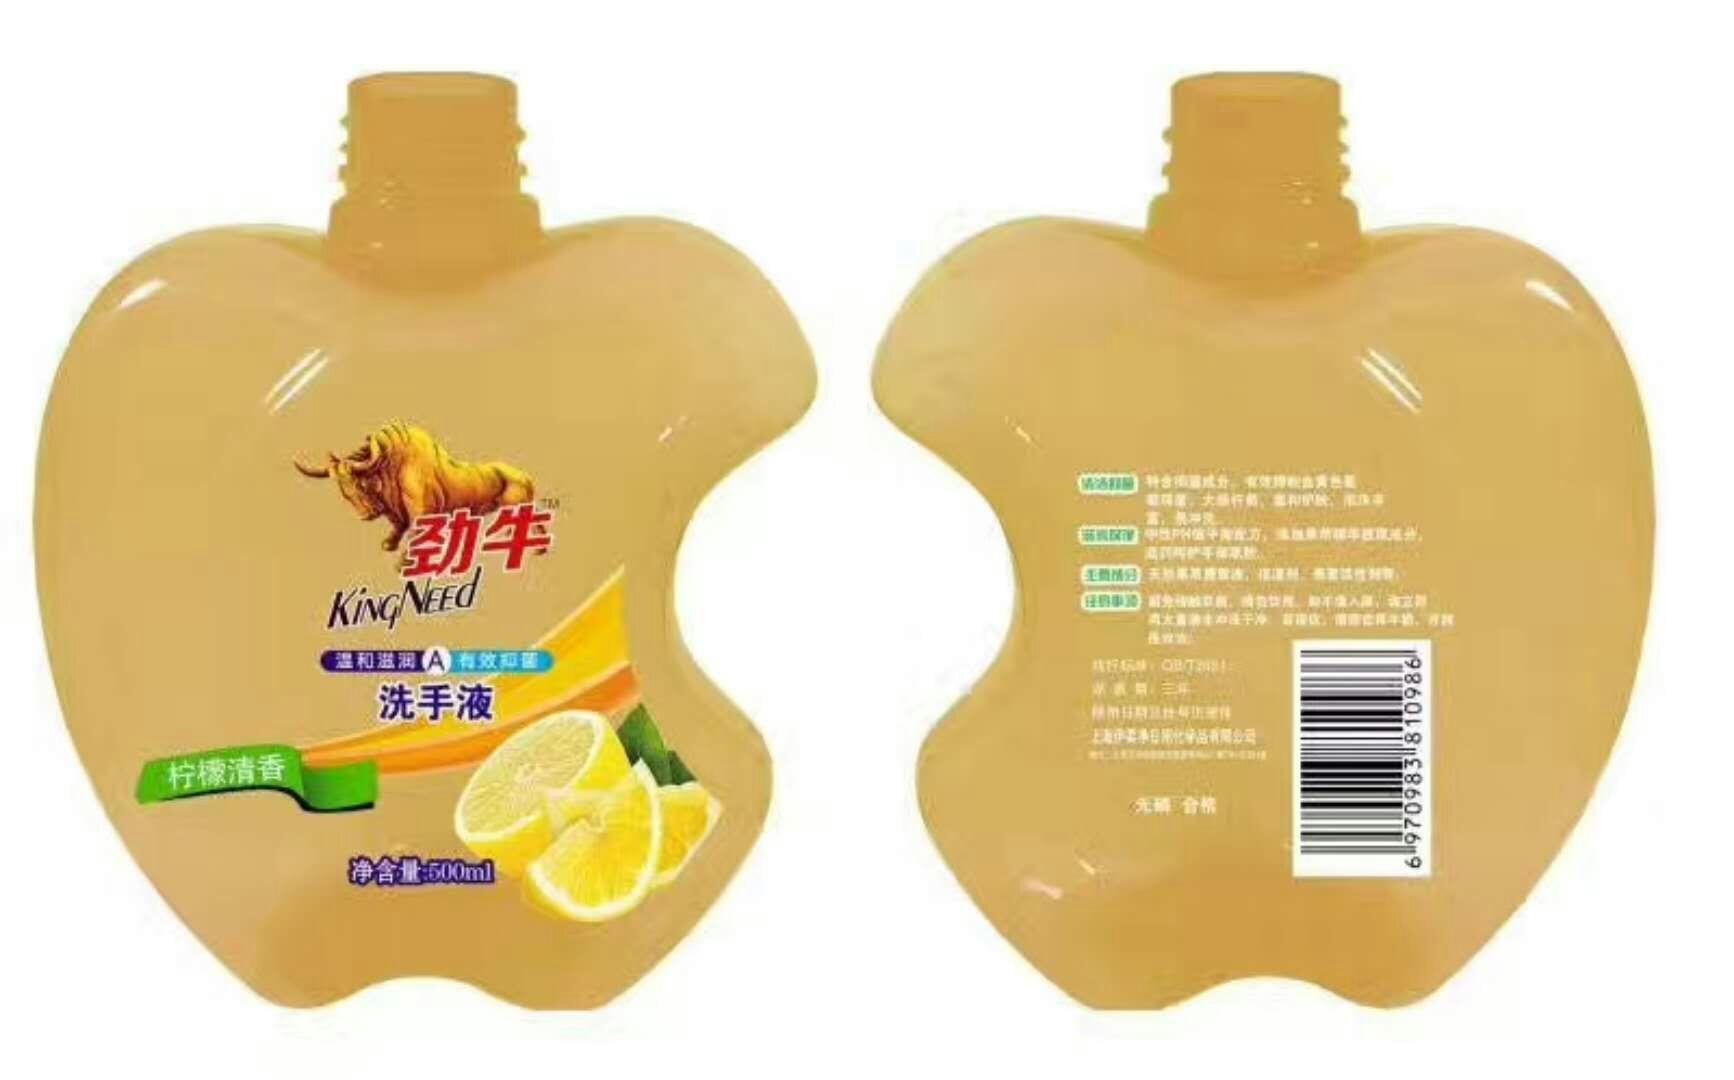 劲牛洗手液500g《三瓶》